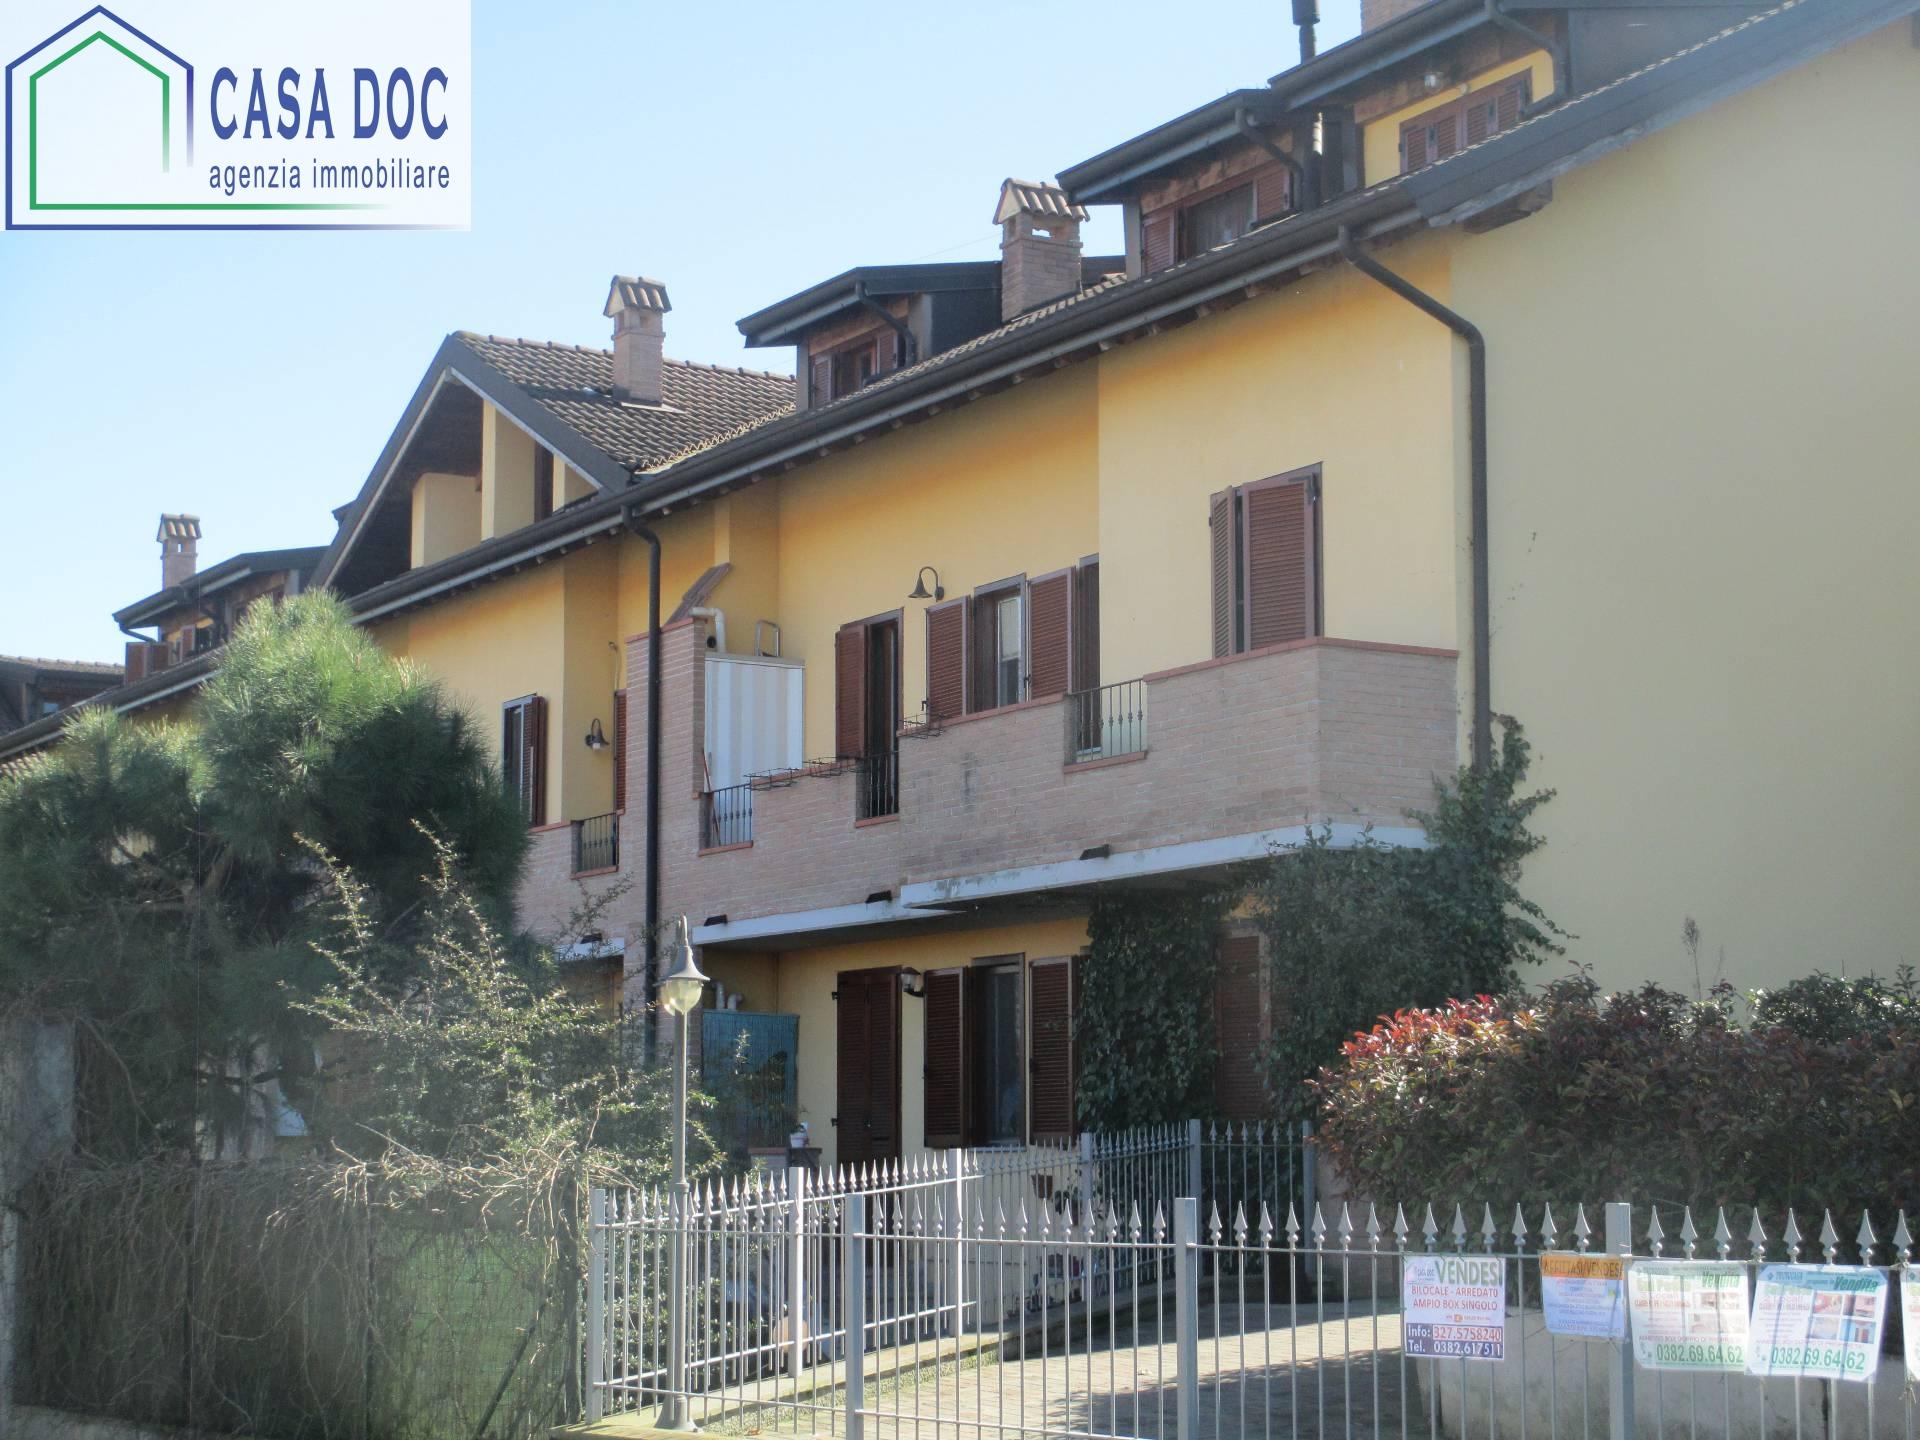 Appartamento in affitto a Vidigulfo, 2 locali, zona Zona: Mandrino, prezzo € 600 | CambioCasa.it